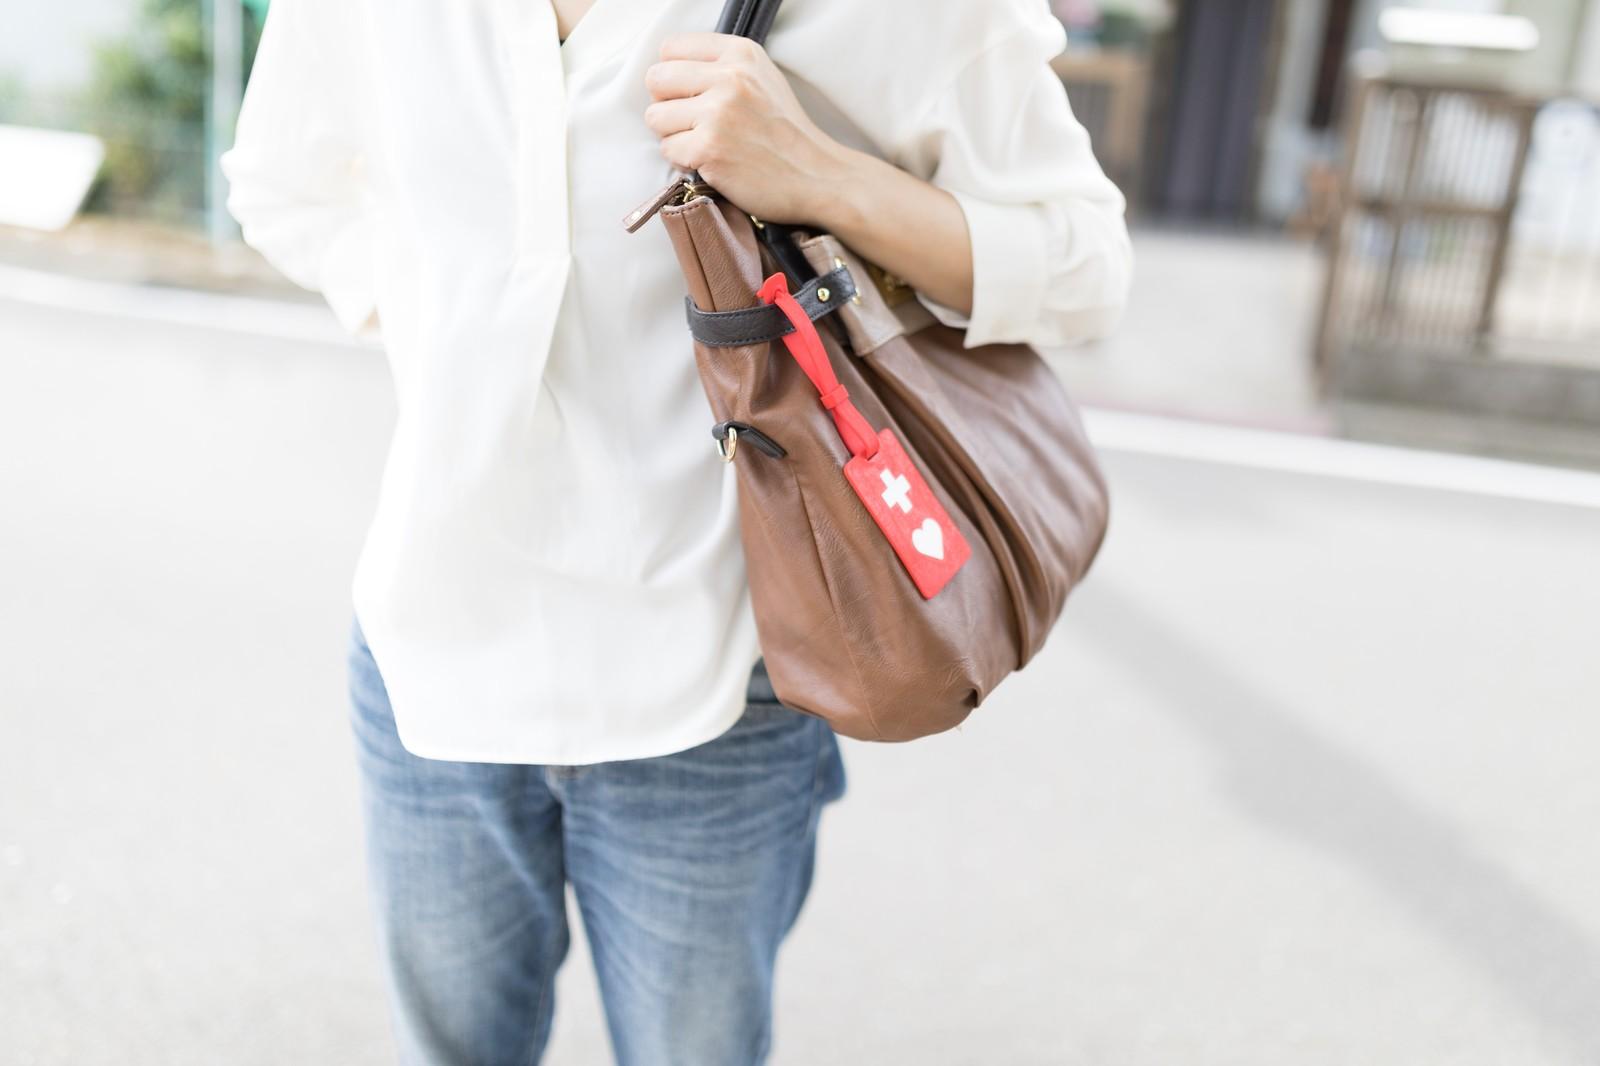 「バッグにヘルプマークをつけて外出する女性バッグにヘルプマークをつけて外出する女性」[モデル:土本寛子]のフリー写真素材を拡大